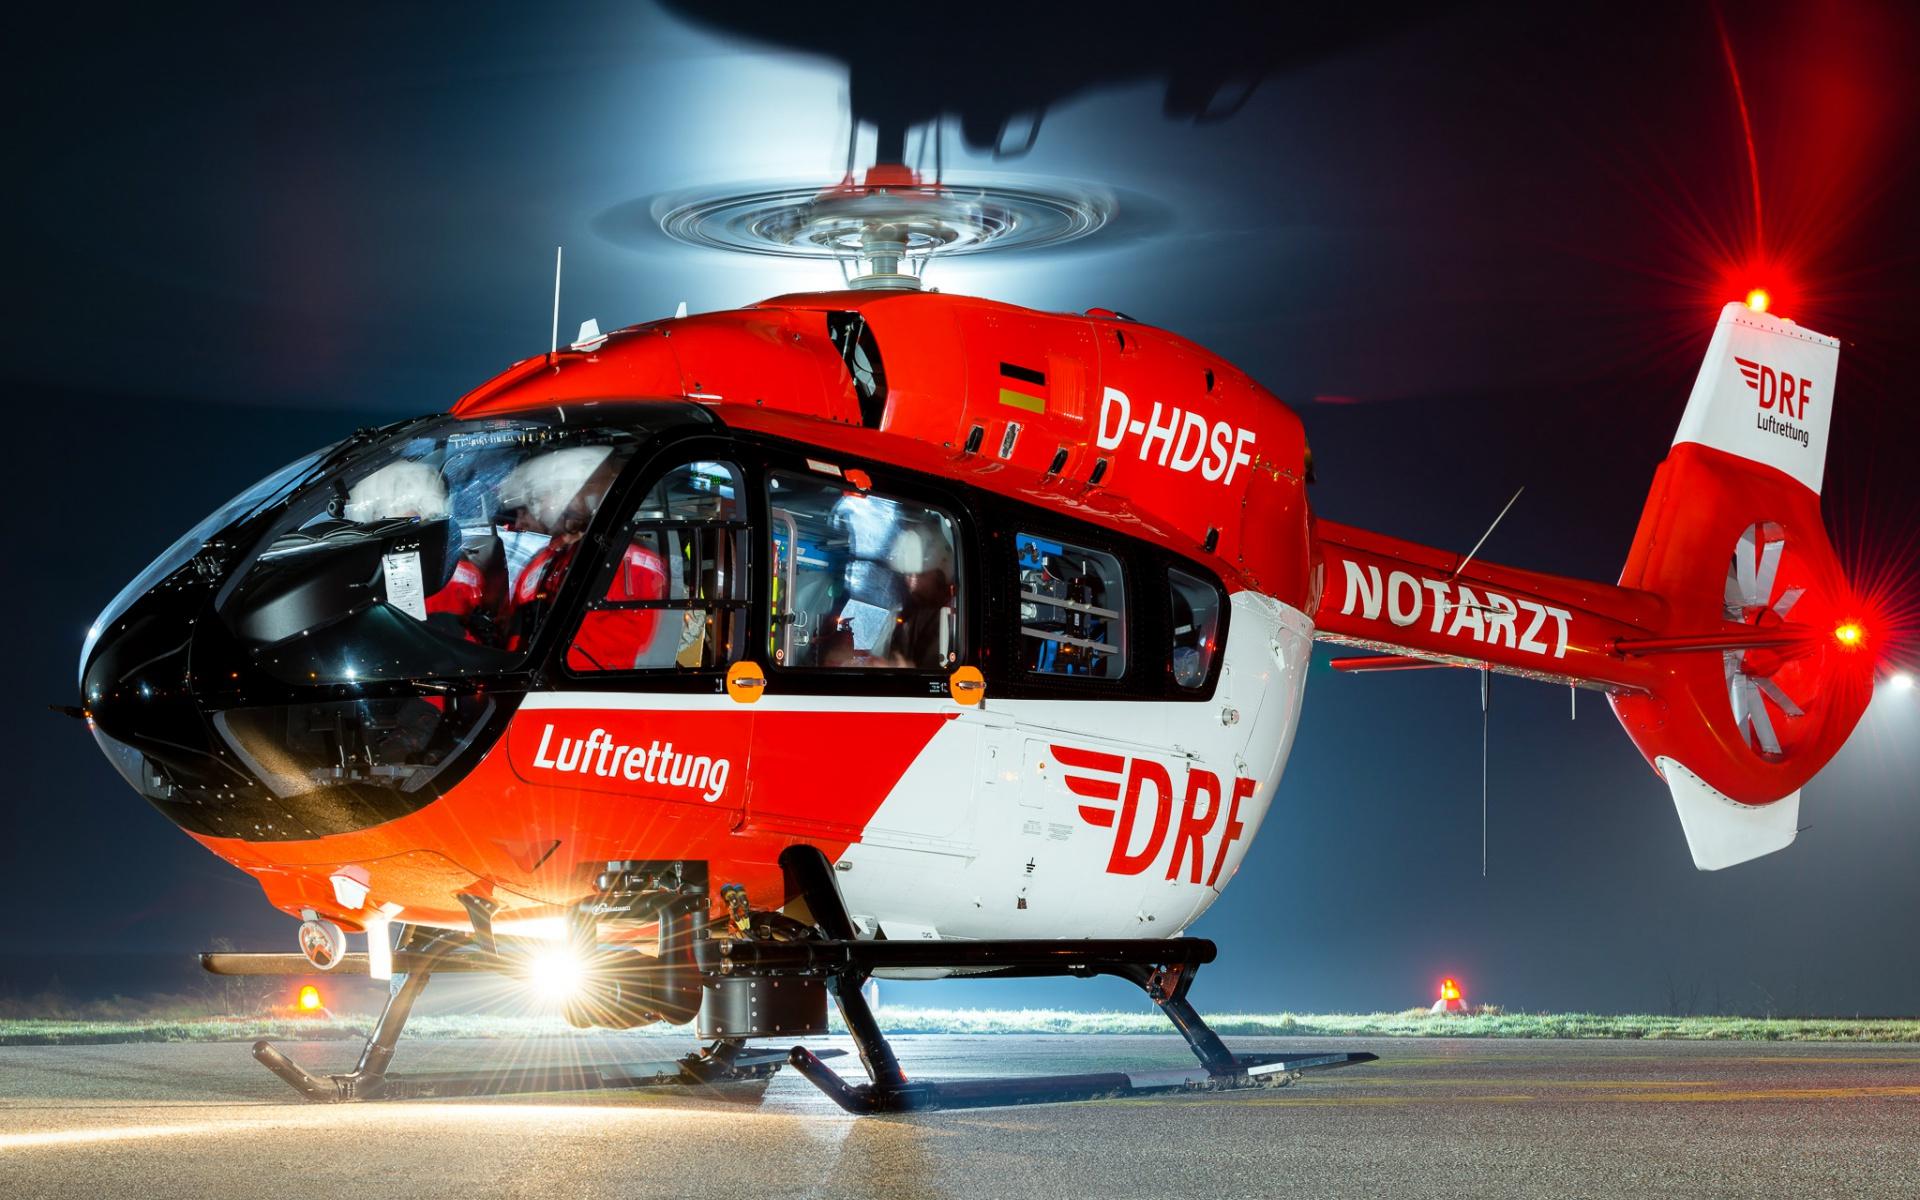 An neun Standorten sind die Hubschrauberbesatzungen der DRF Luftrettung rund um die Uhr einsatzbereit.